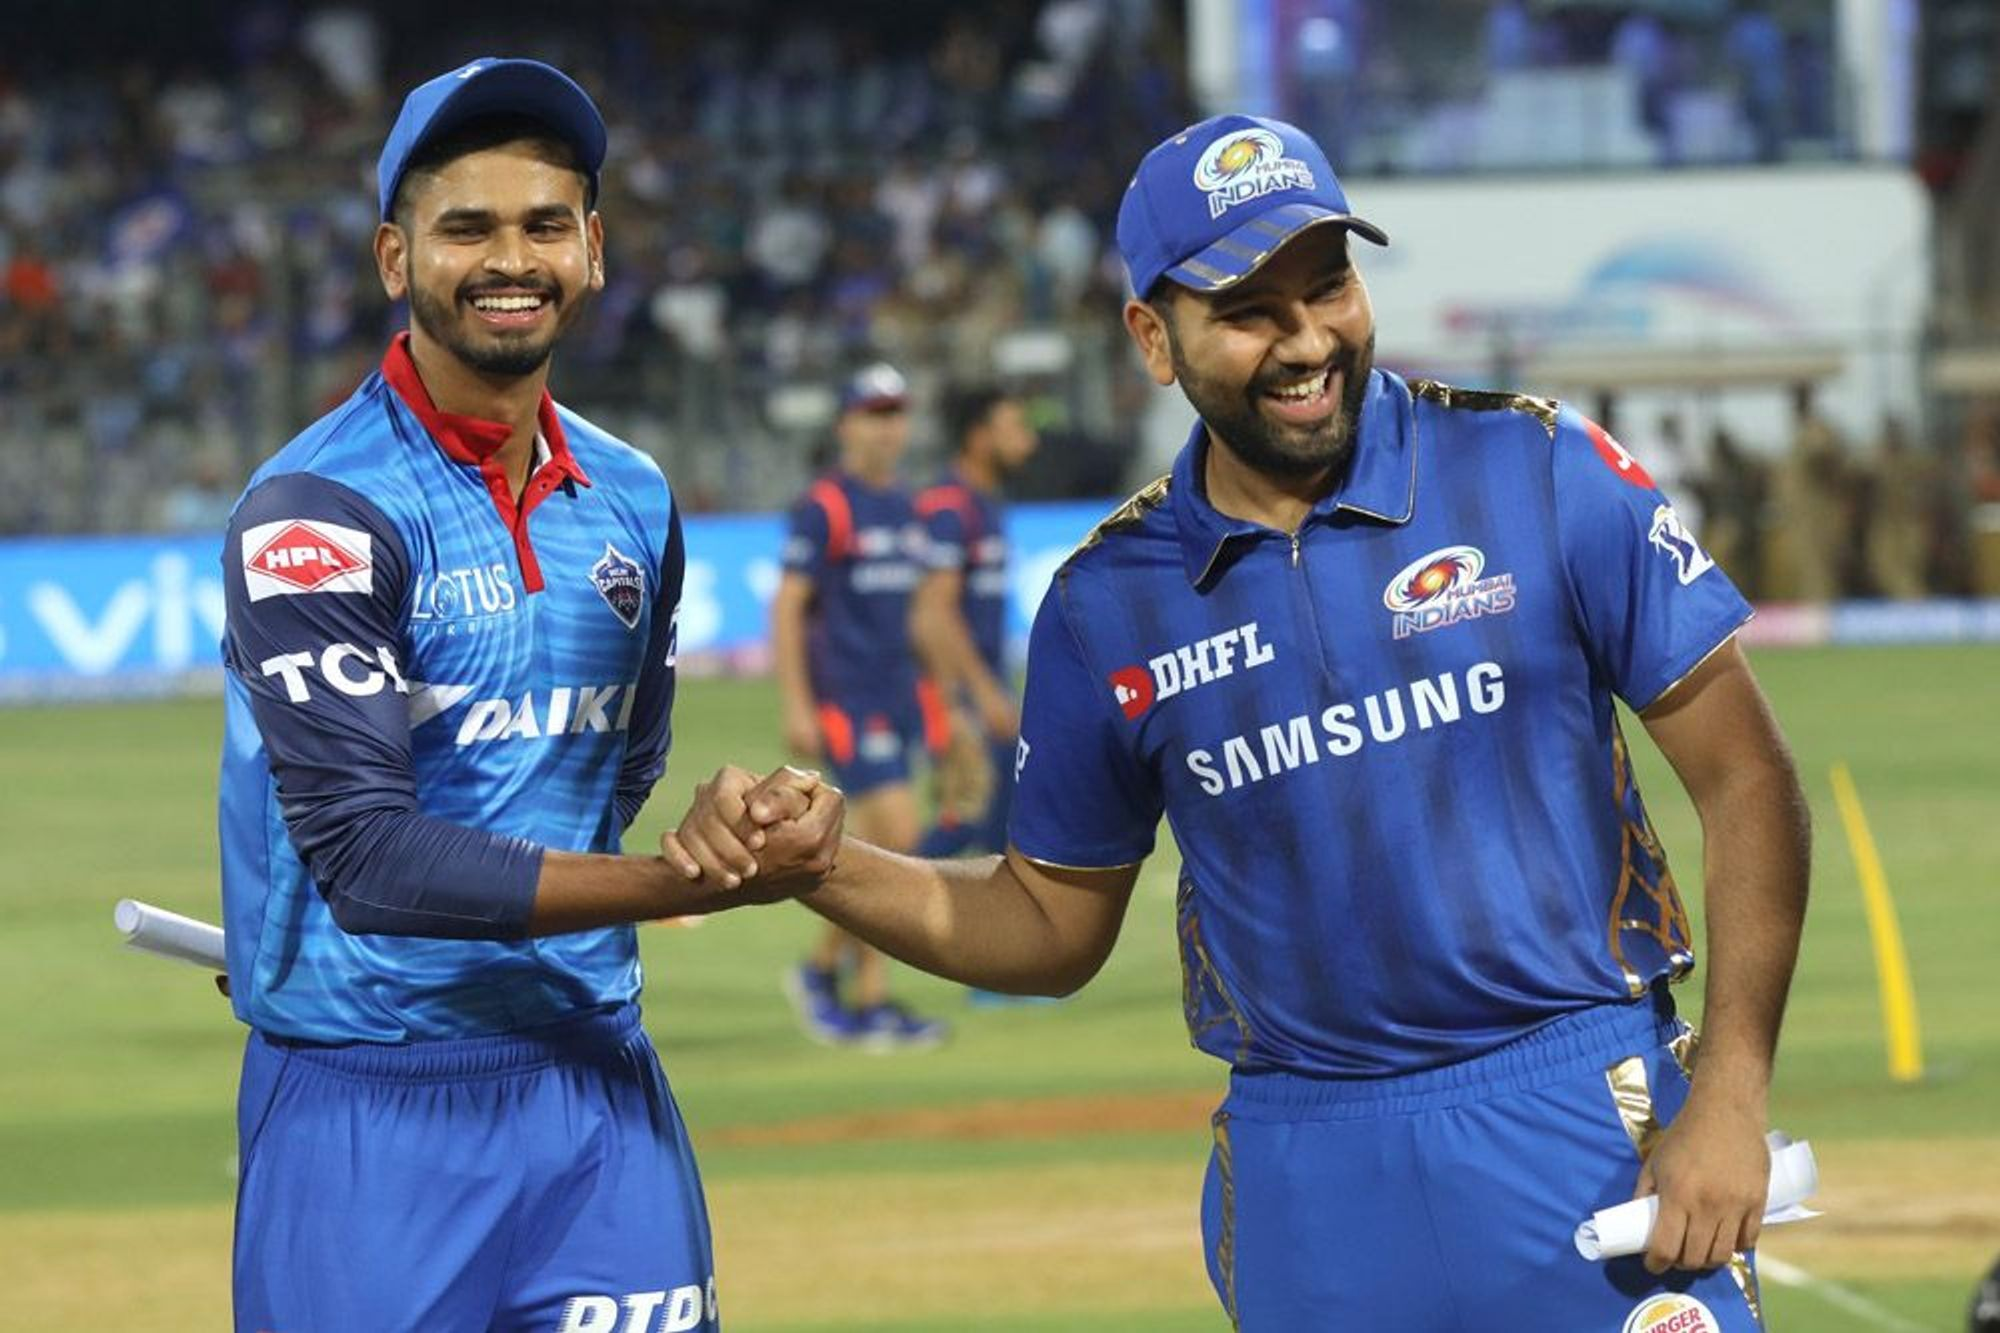 DCvsMI: पहले मैच में हार का बदला लेने उतरेगी मुंबई इंडियंस, दोनों टीमों में एक-एक बदलाव संभव